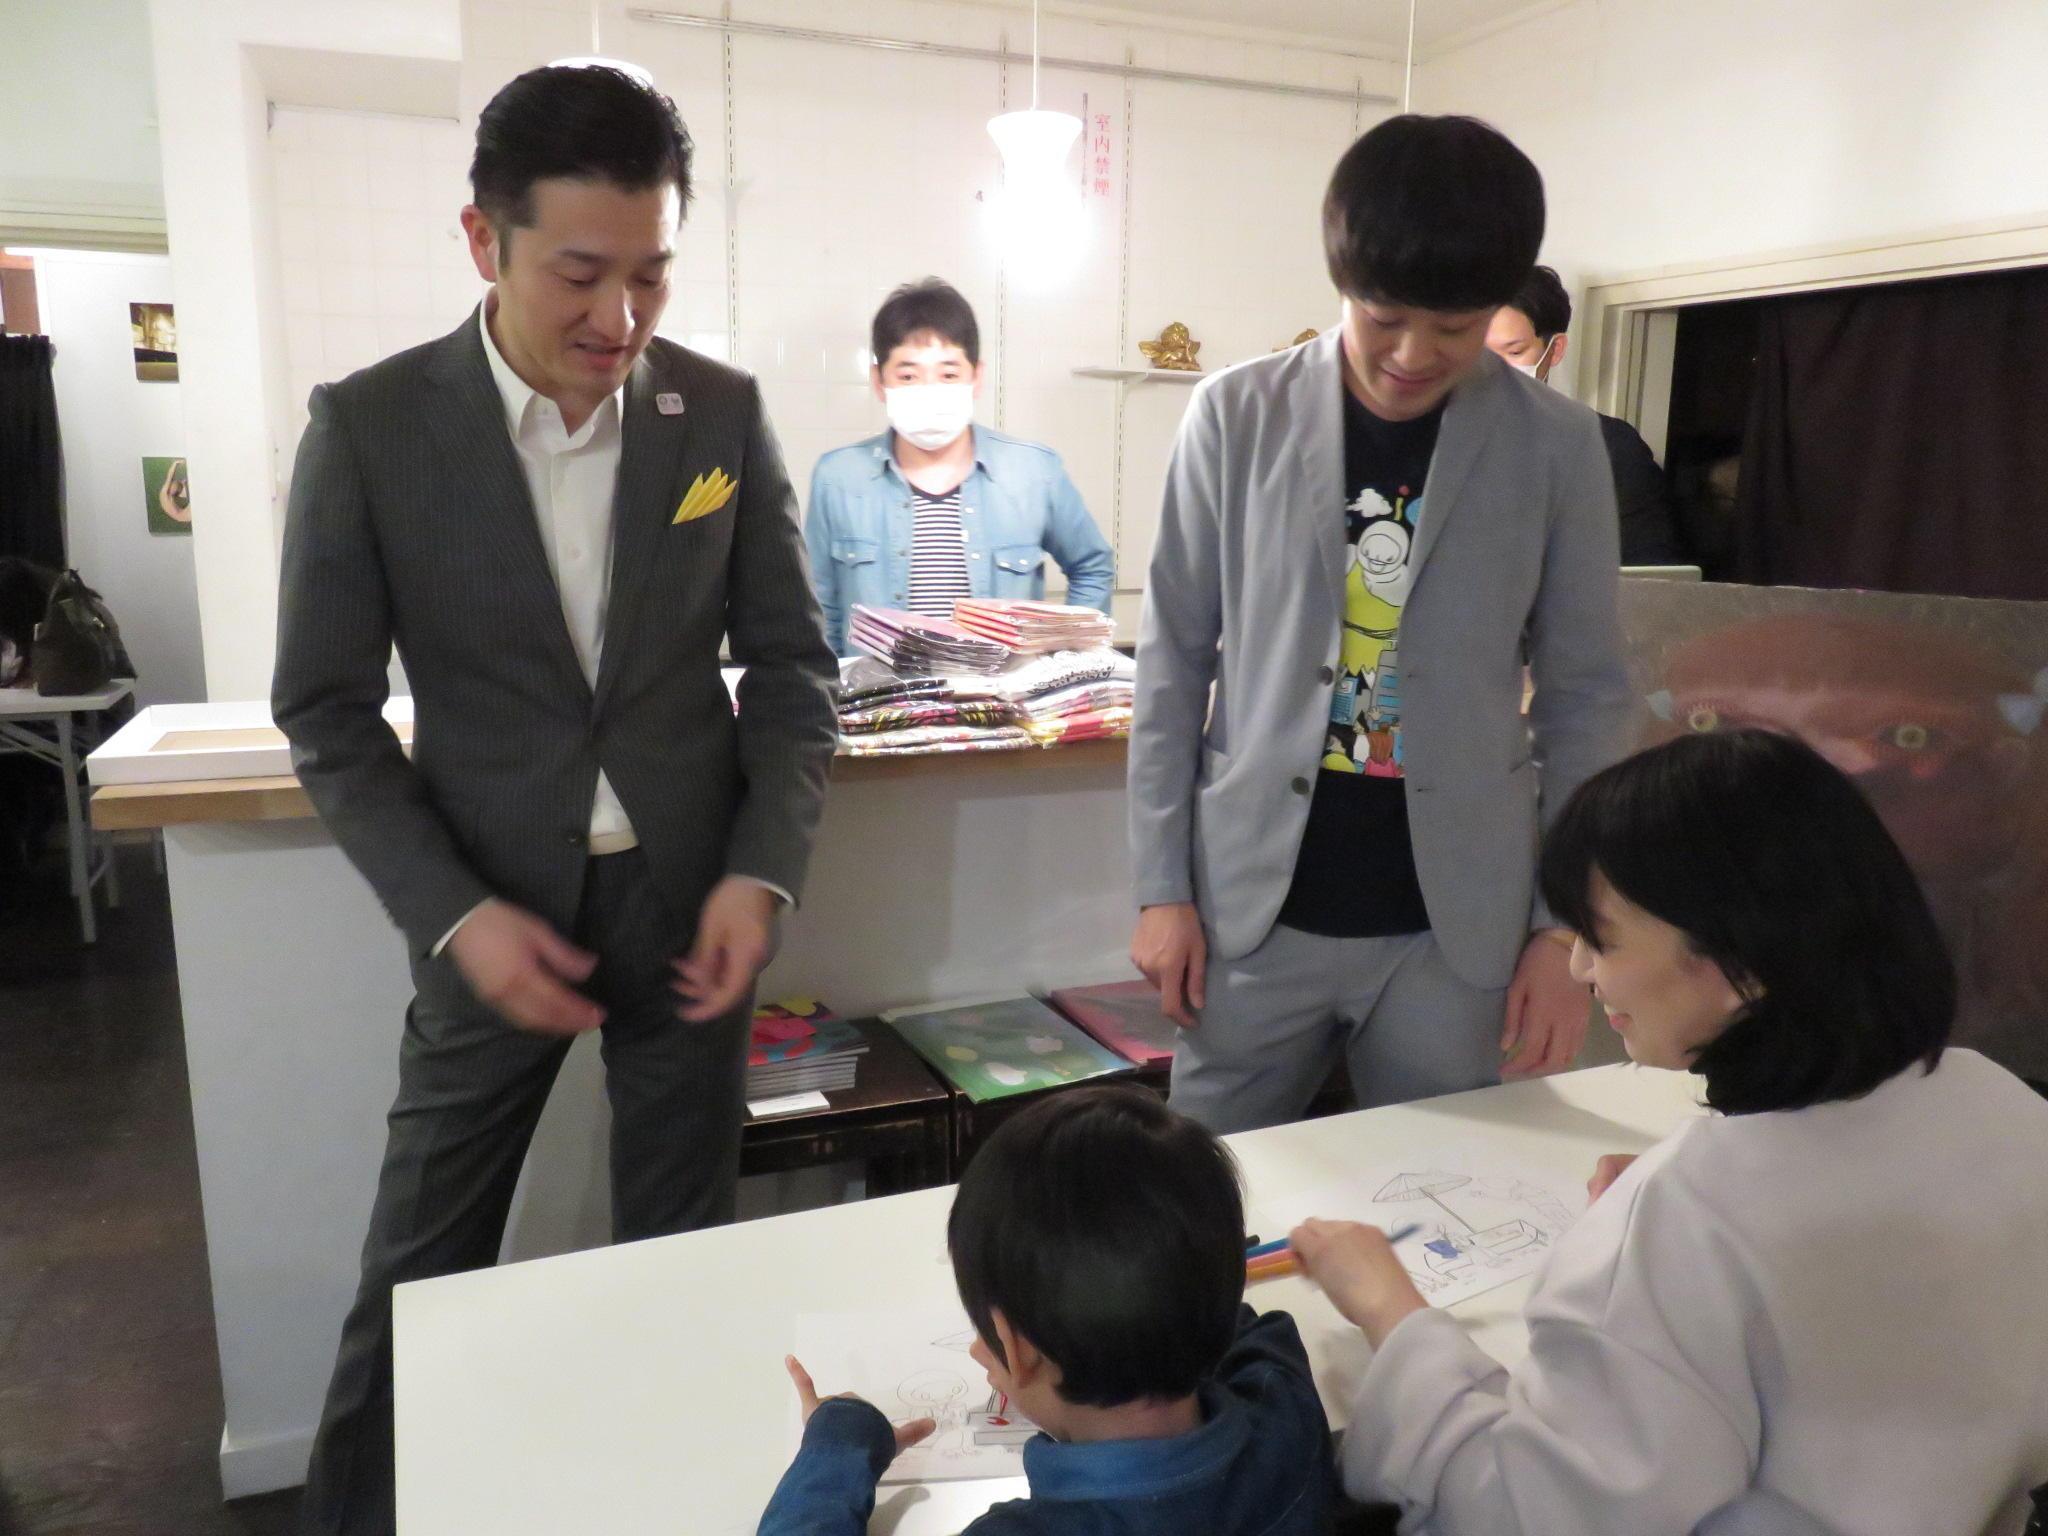 http://news.yoshimoto.co.jp/20170320205920-855d14c21530d8855f372f88896070ae5d899742.jpg